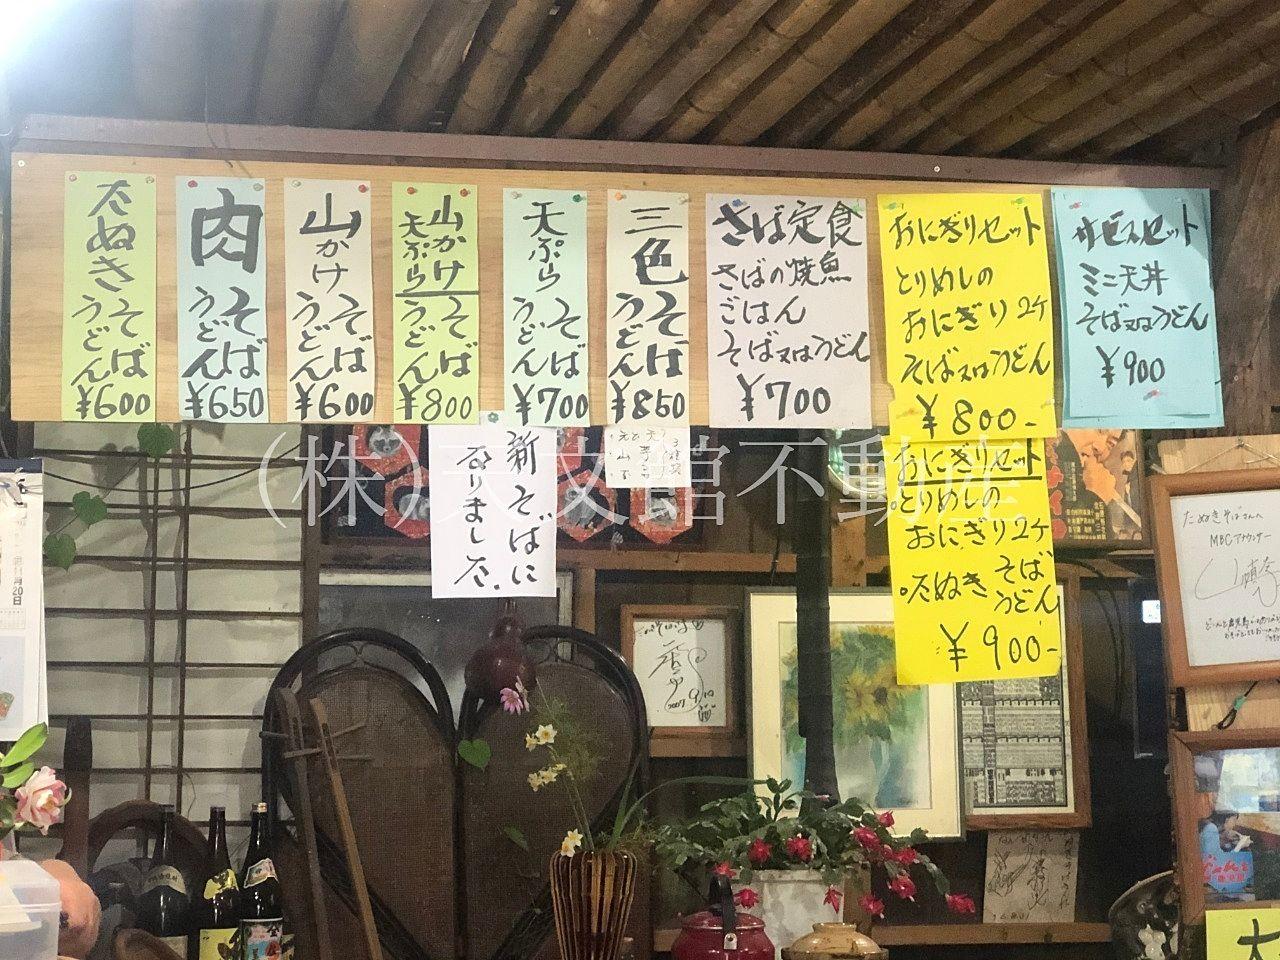 鹿児島市吉野町のたぬきそばのメニュー表